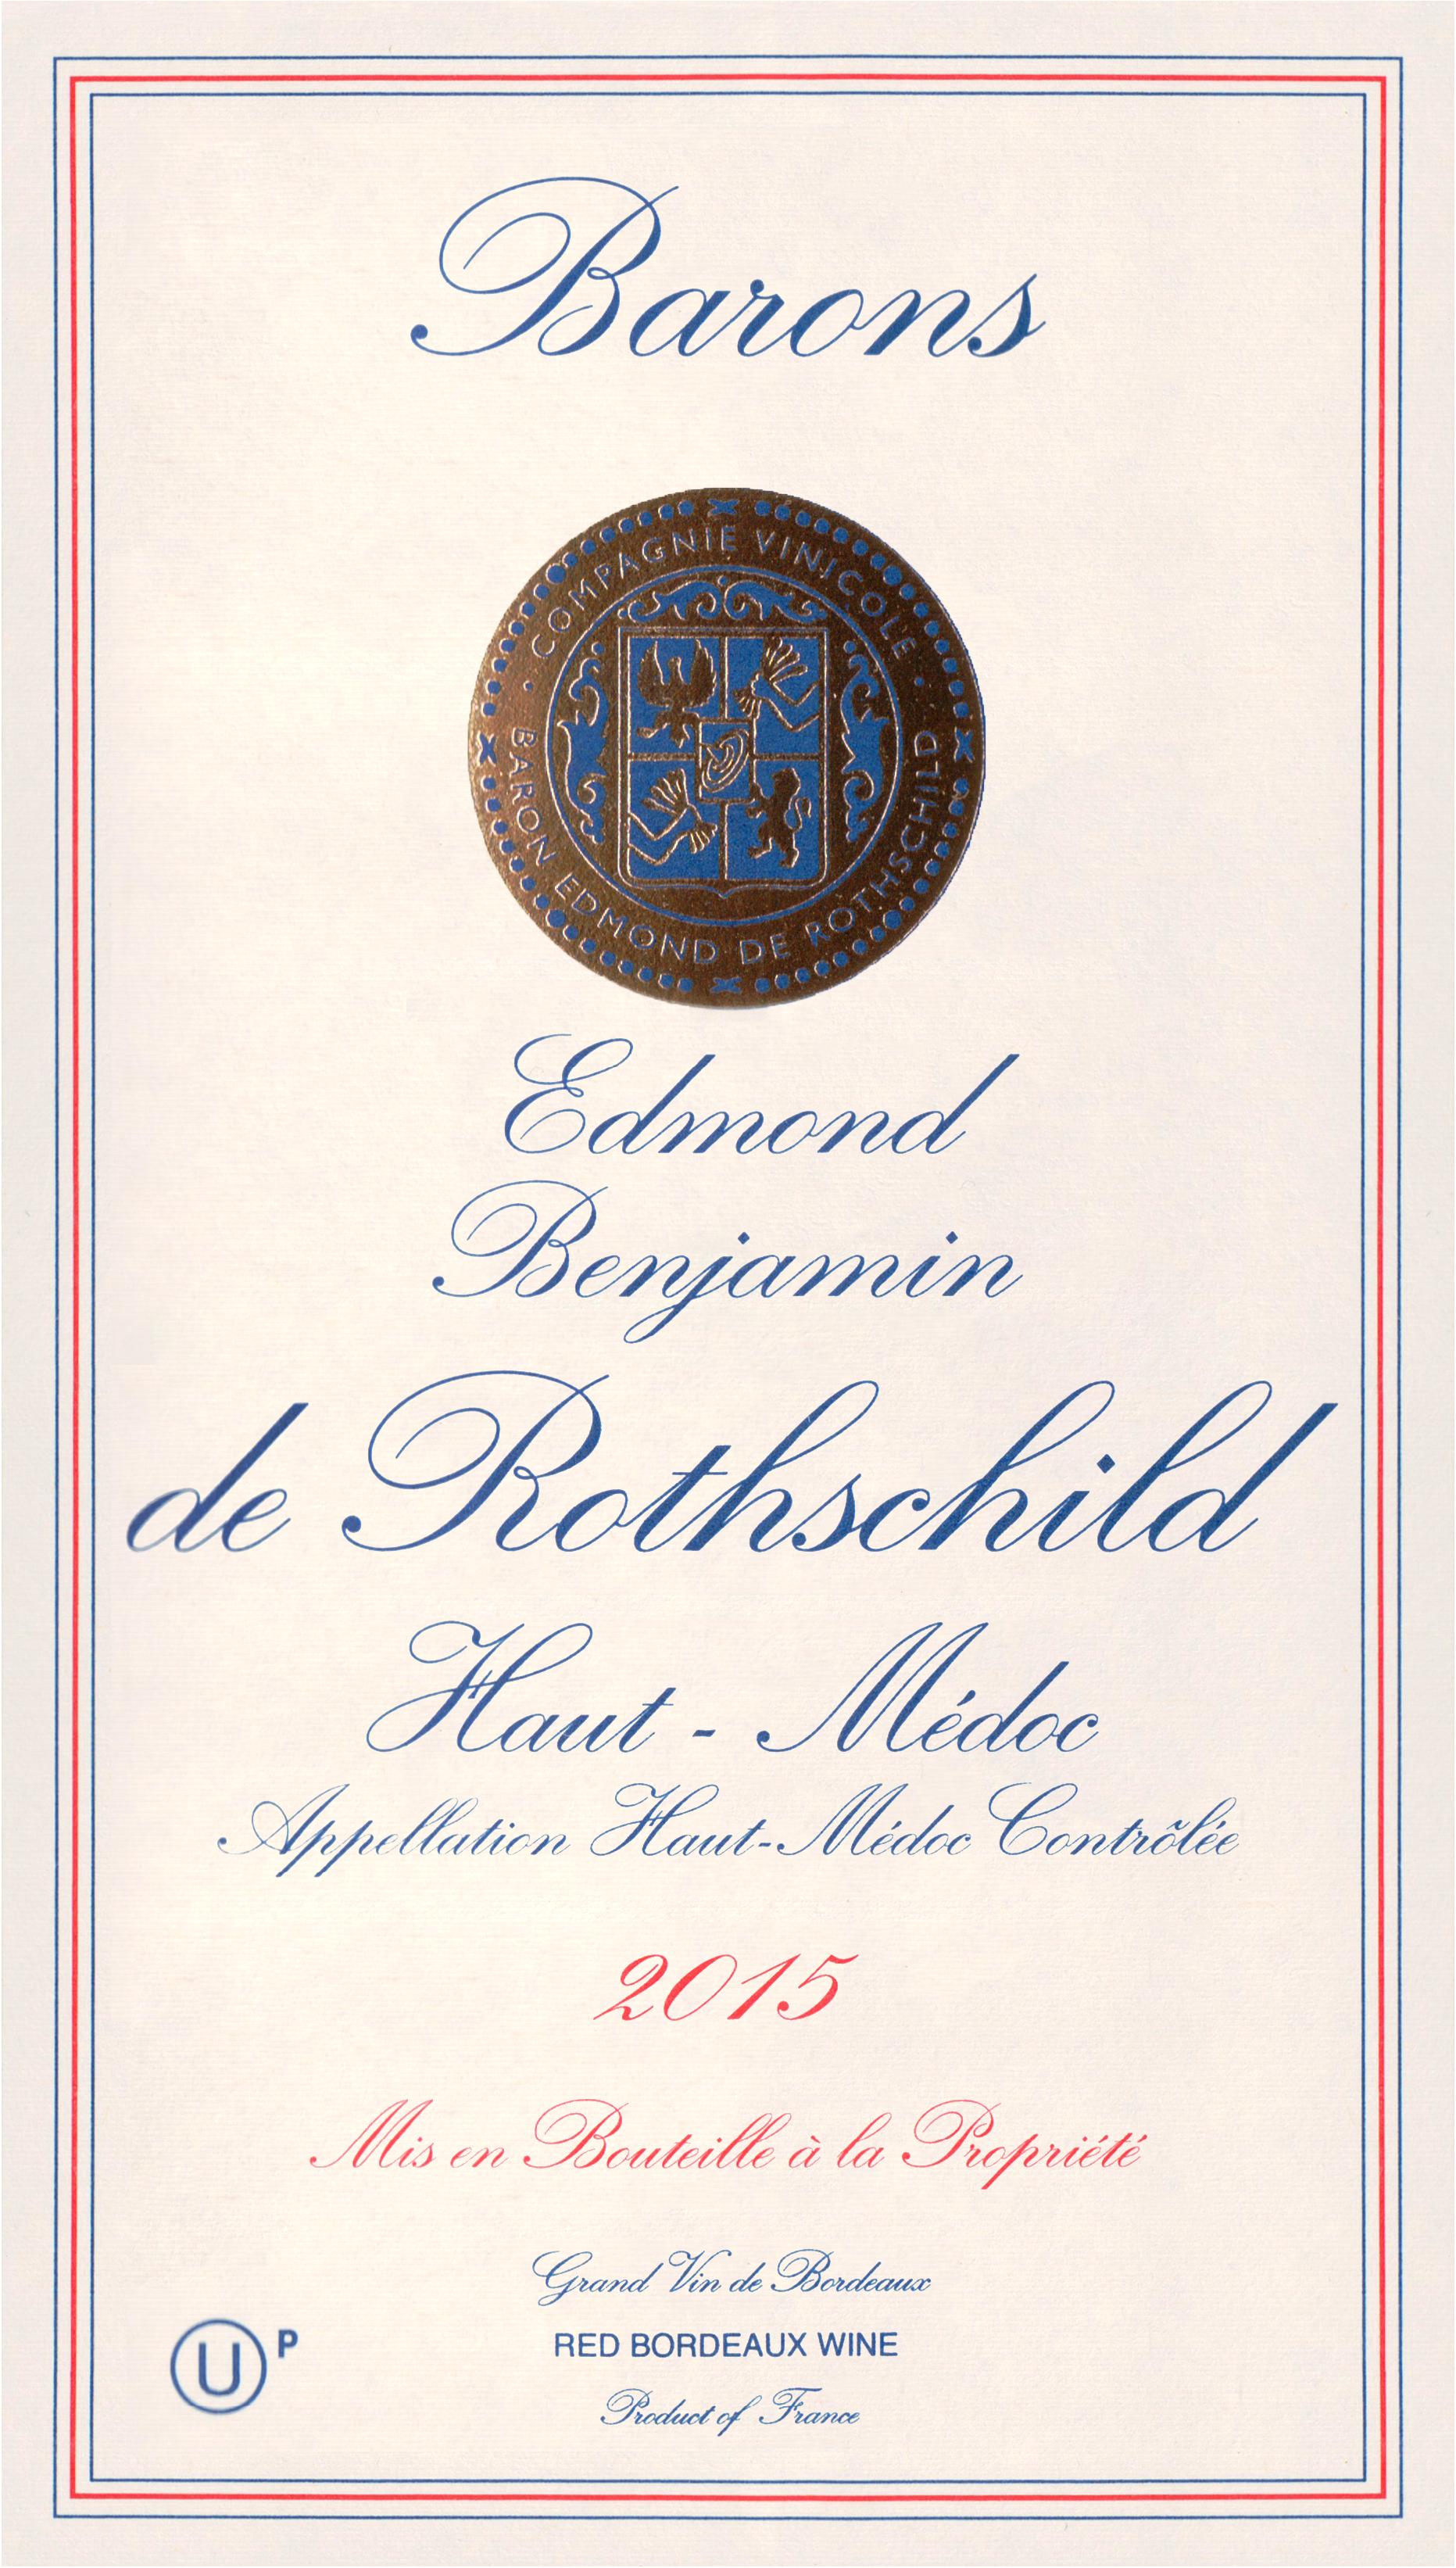 Barons Edmond Et Benjamin De Rothschild Haut Medoc (U)P 2015